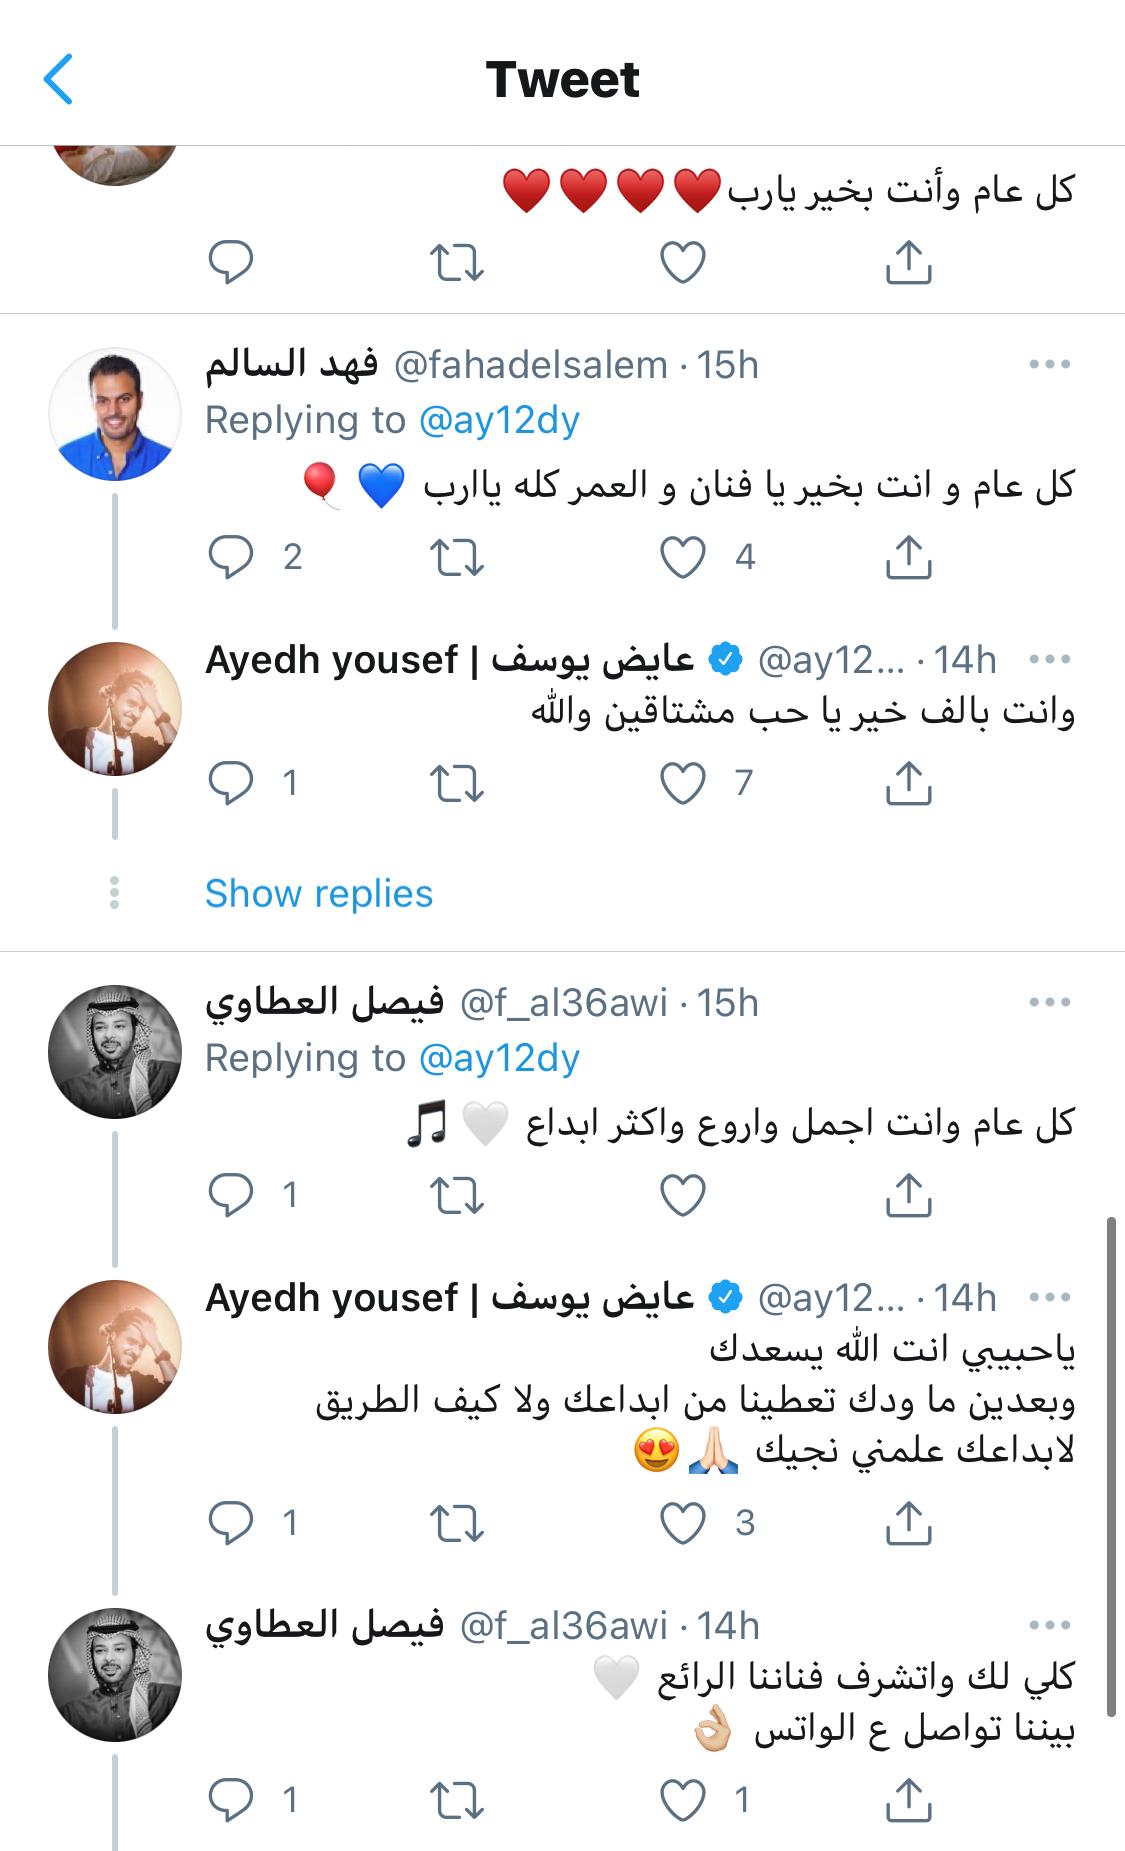 المشاهير يهنئون الفنان عبر تويتر